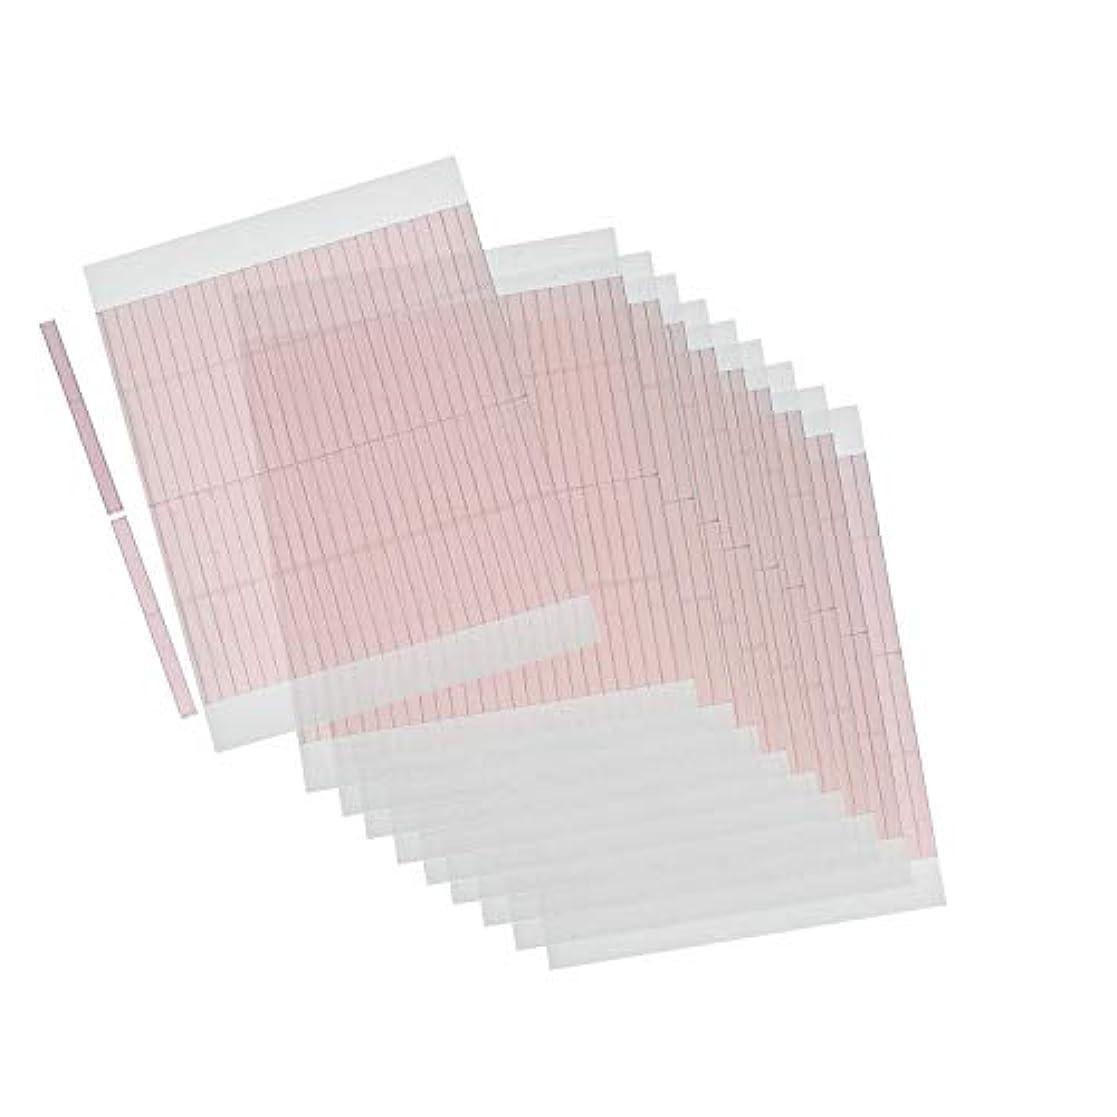 郵便局これらミッションm.tivance アイテープ 二重瞼形成 二重テープ 10シートセット 520本入り/アイテープ10枚セット